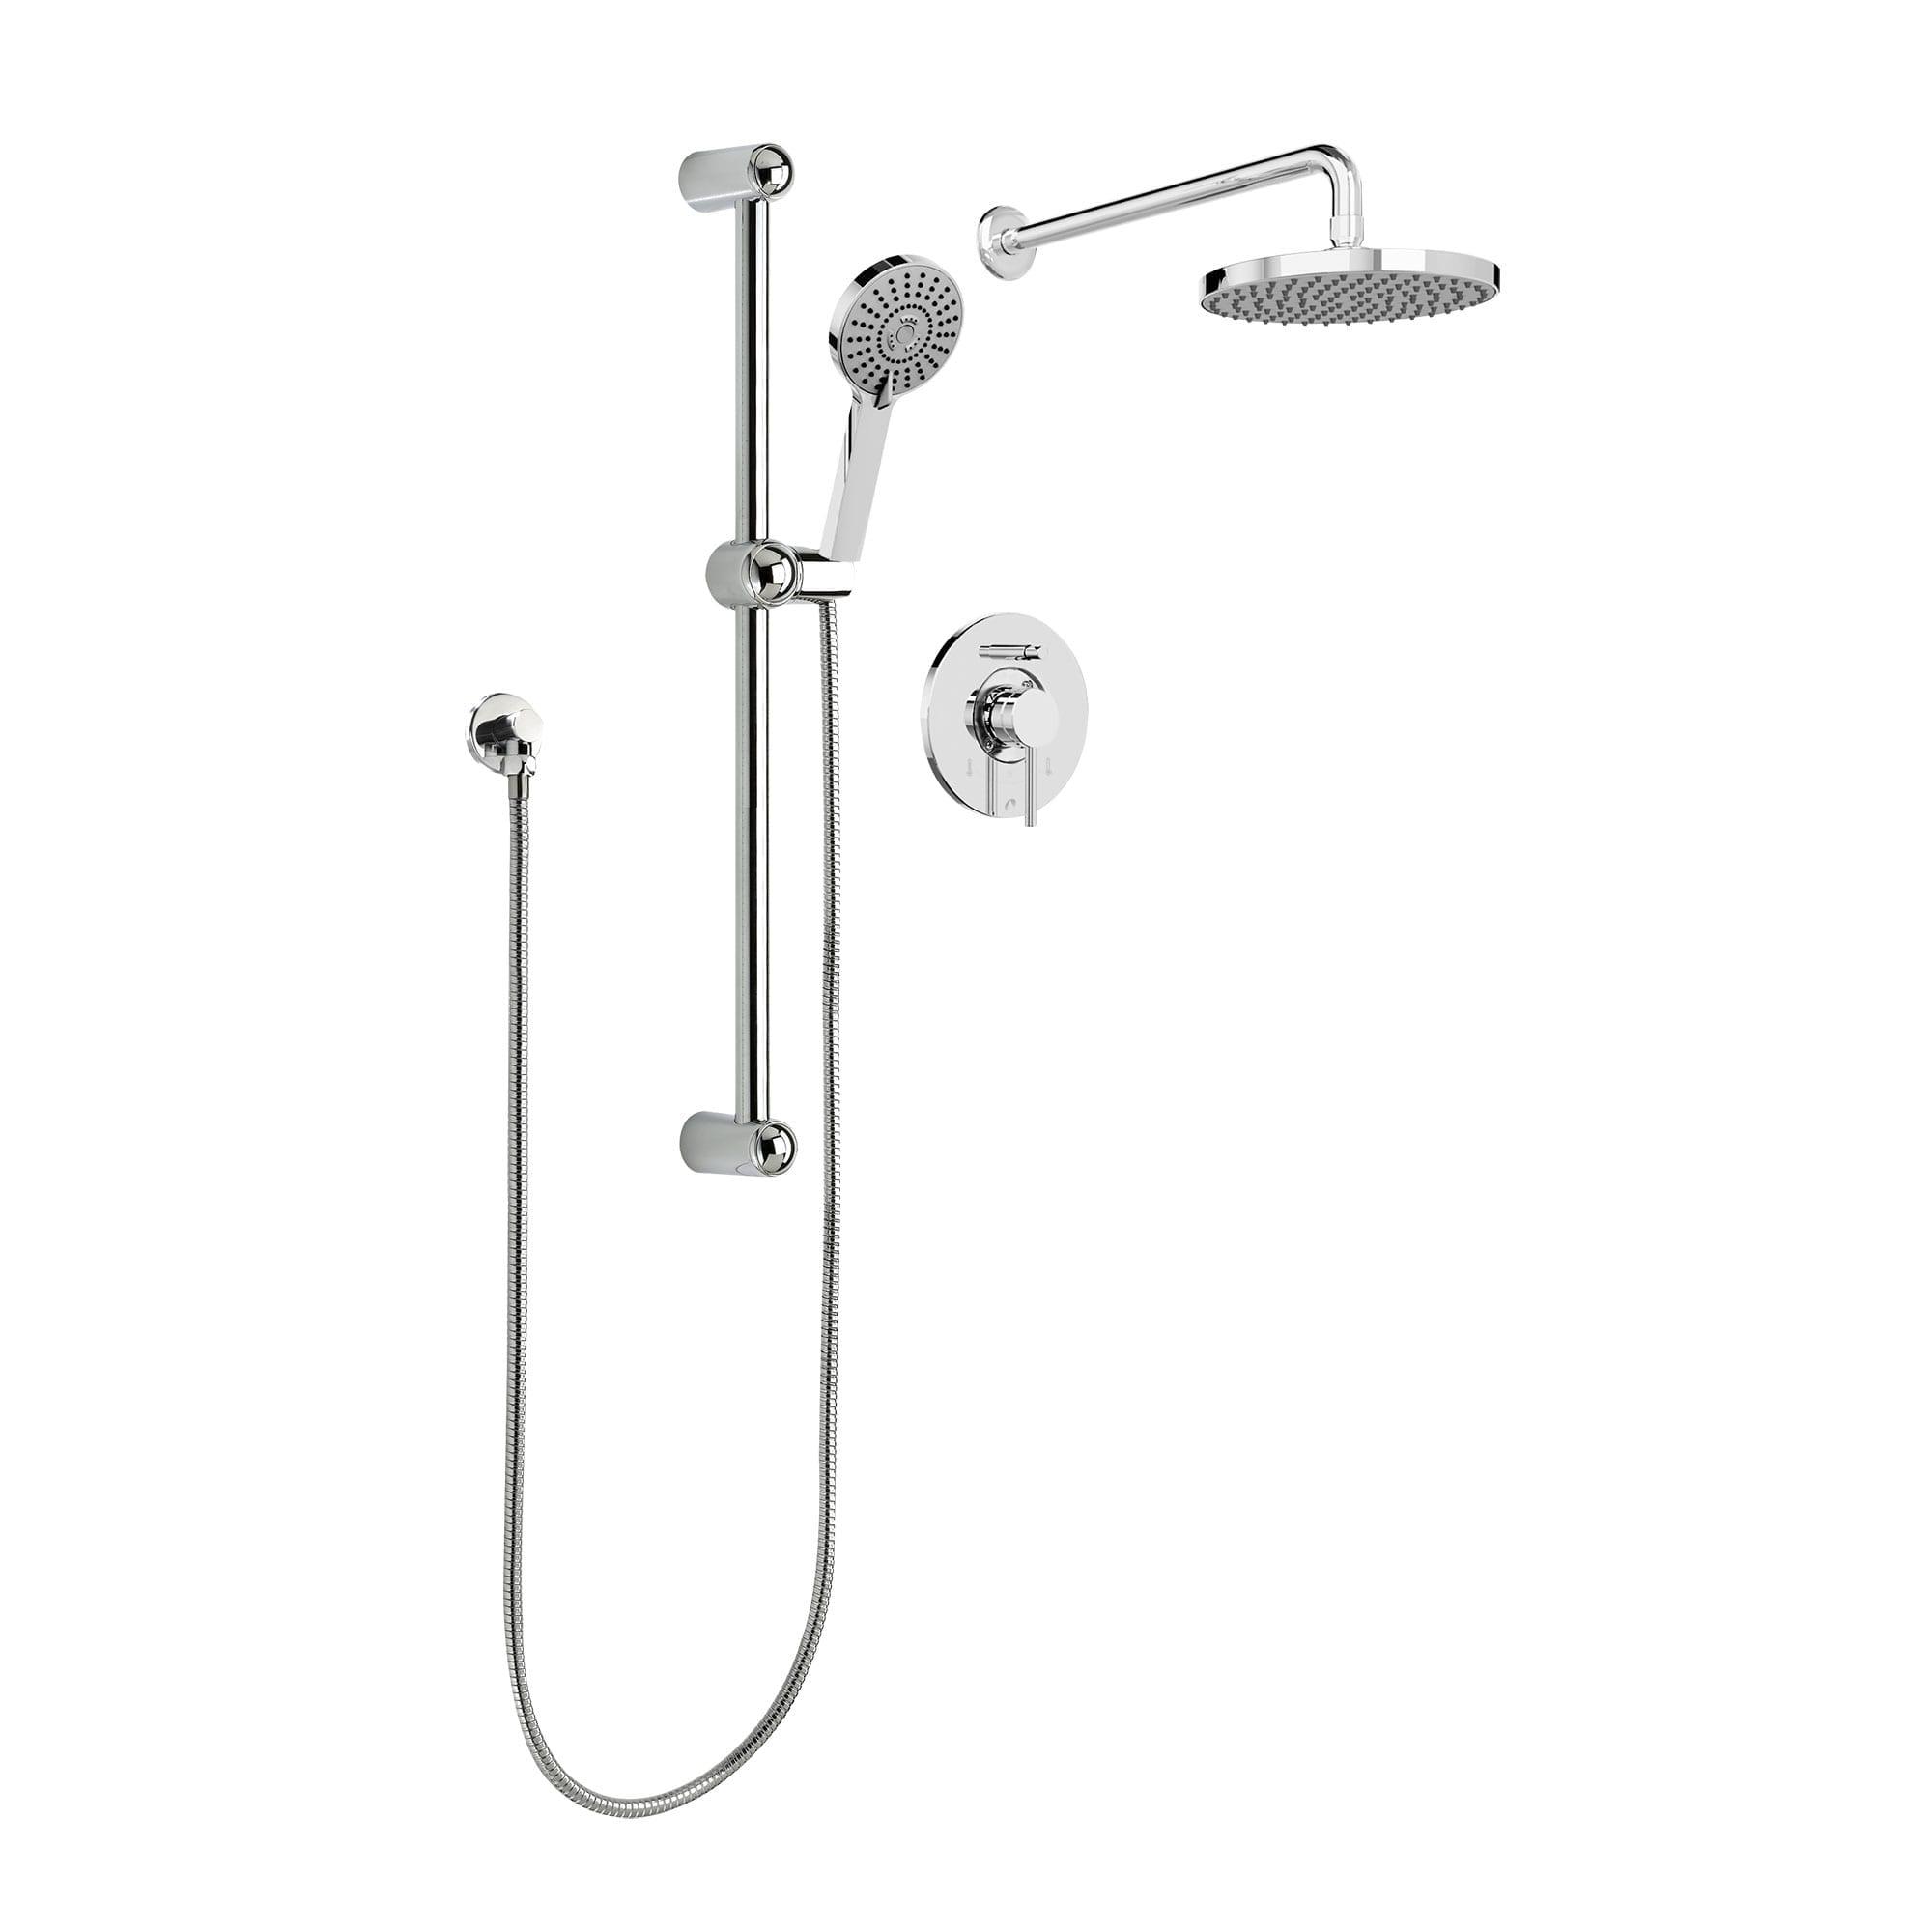 Kit Shower Faucet